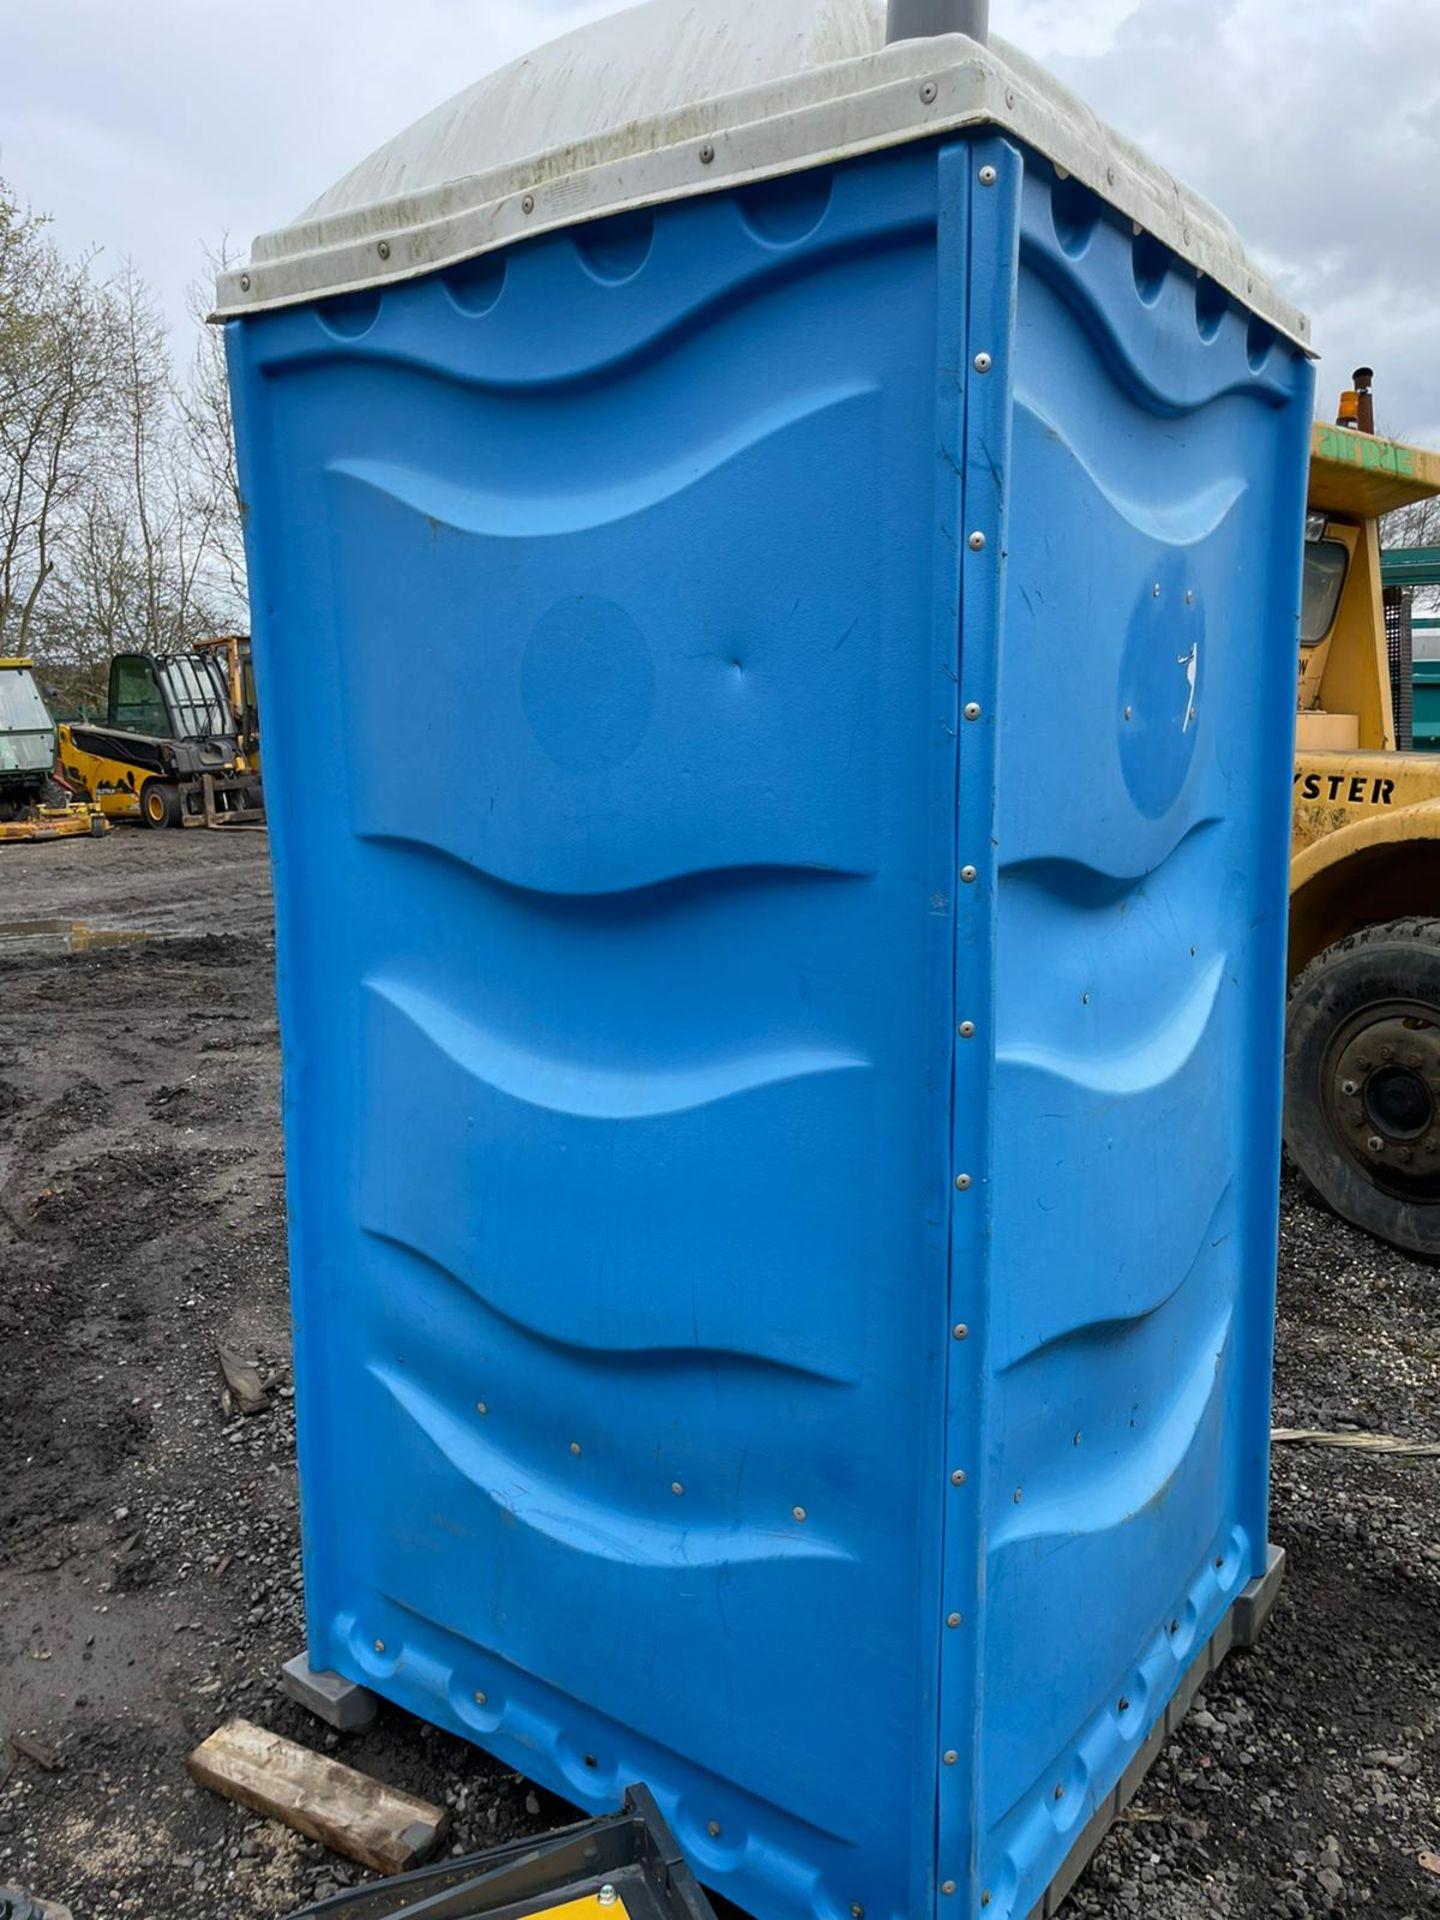 Portaloo Toilet Block, Door Is Bent, plus VAT - Image 2 of 4